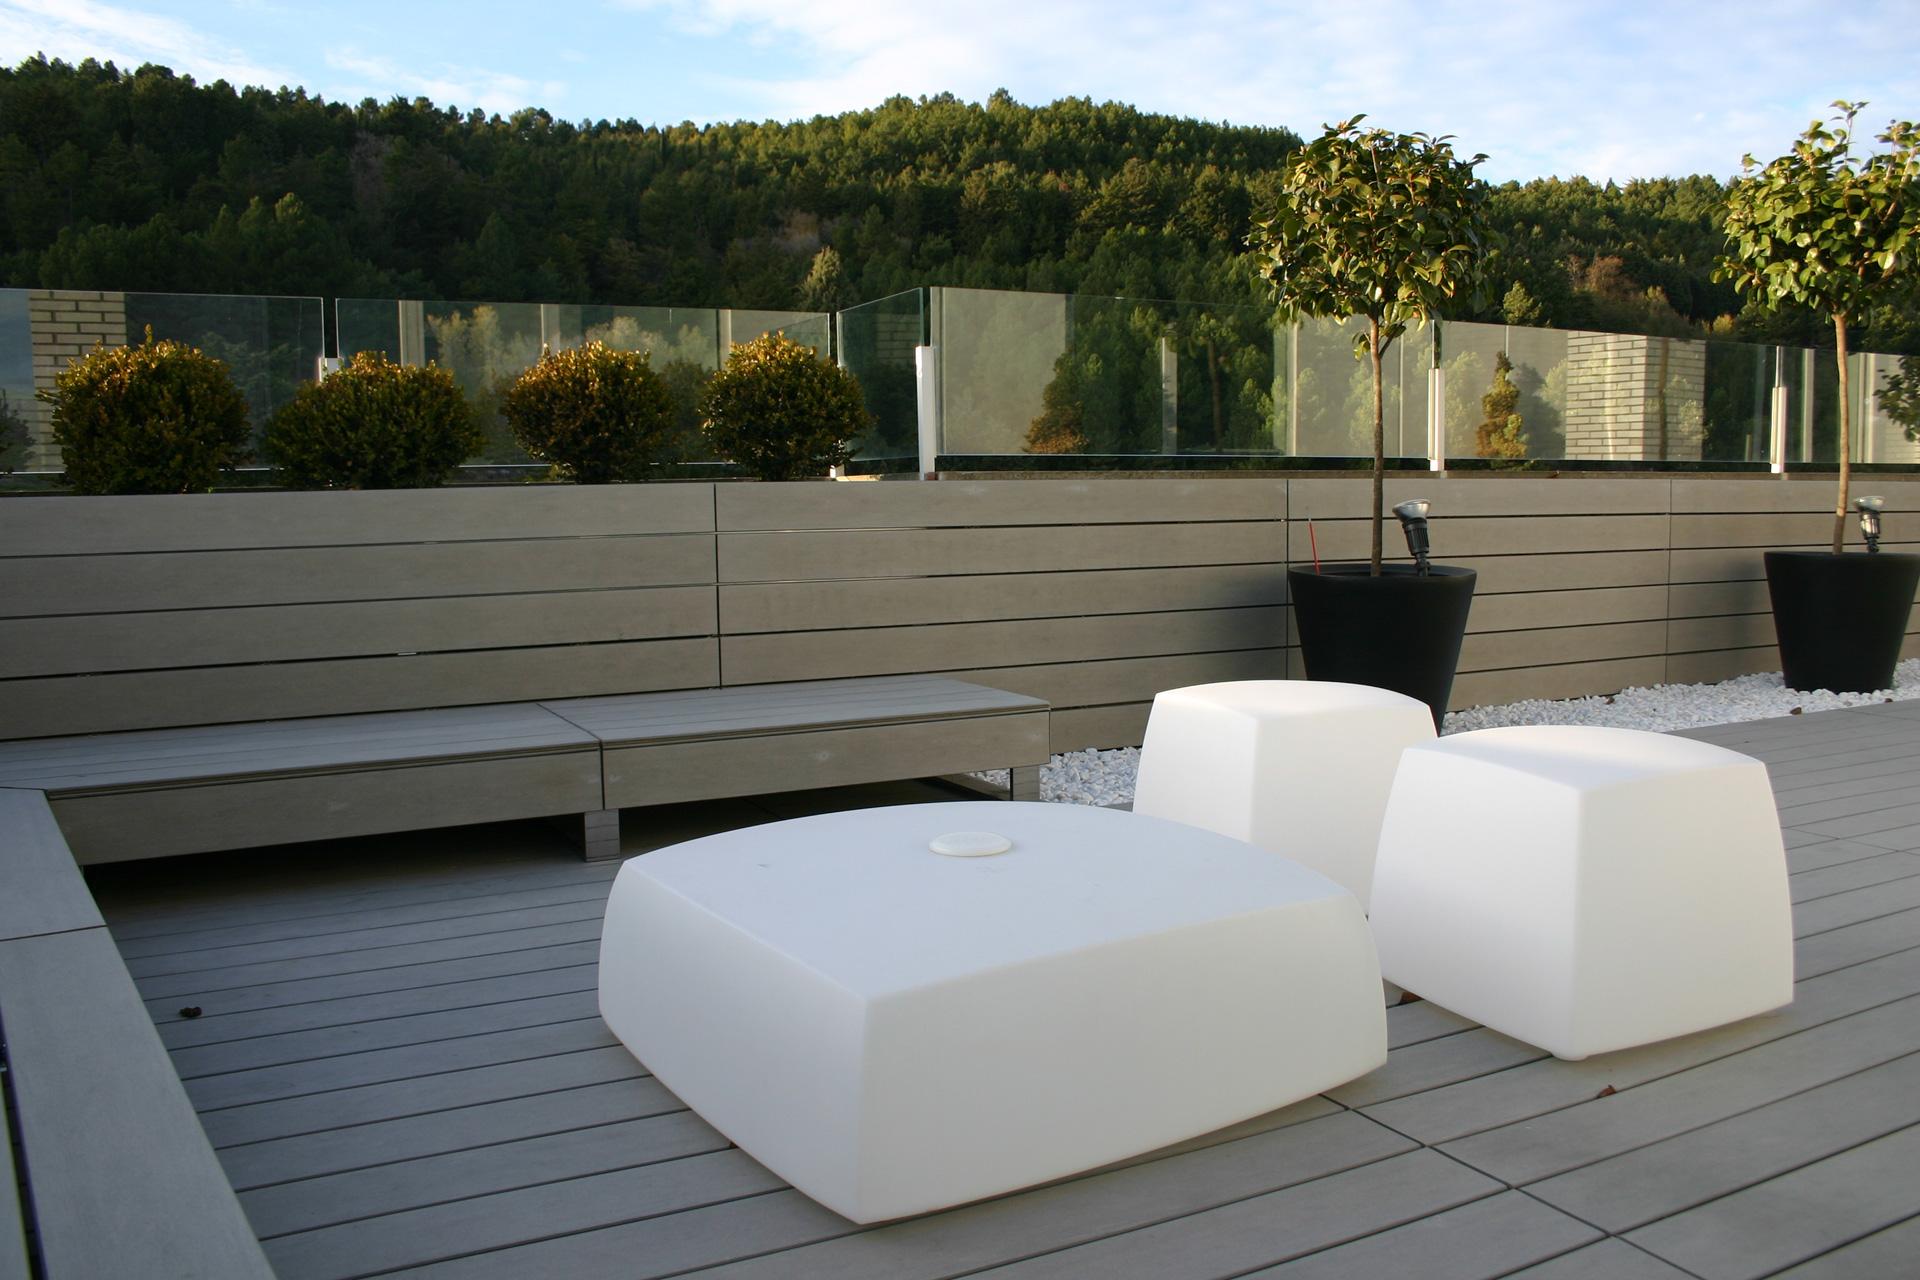 Tico jacuzzi y terraza estudio ci - Jacuzzi en terraza ...